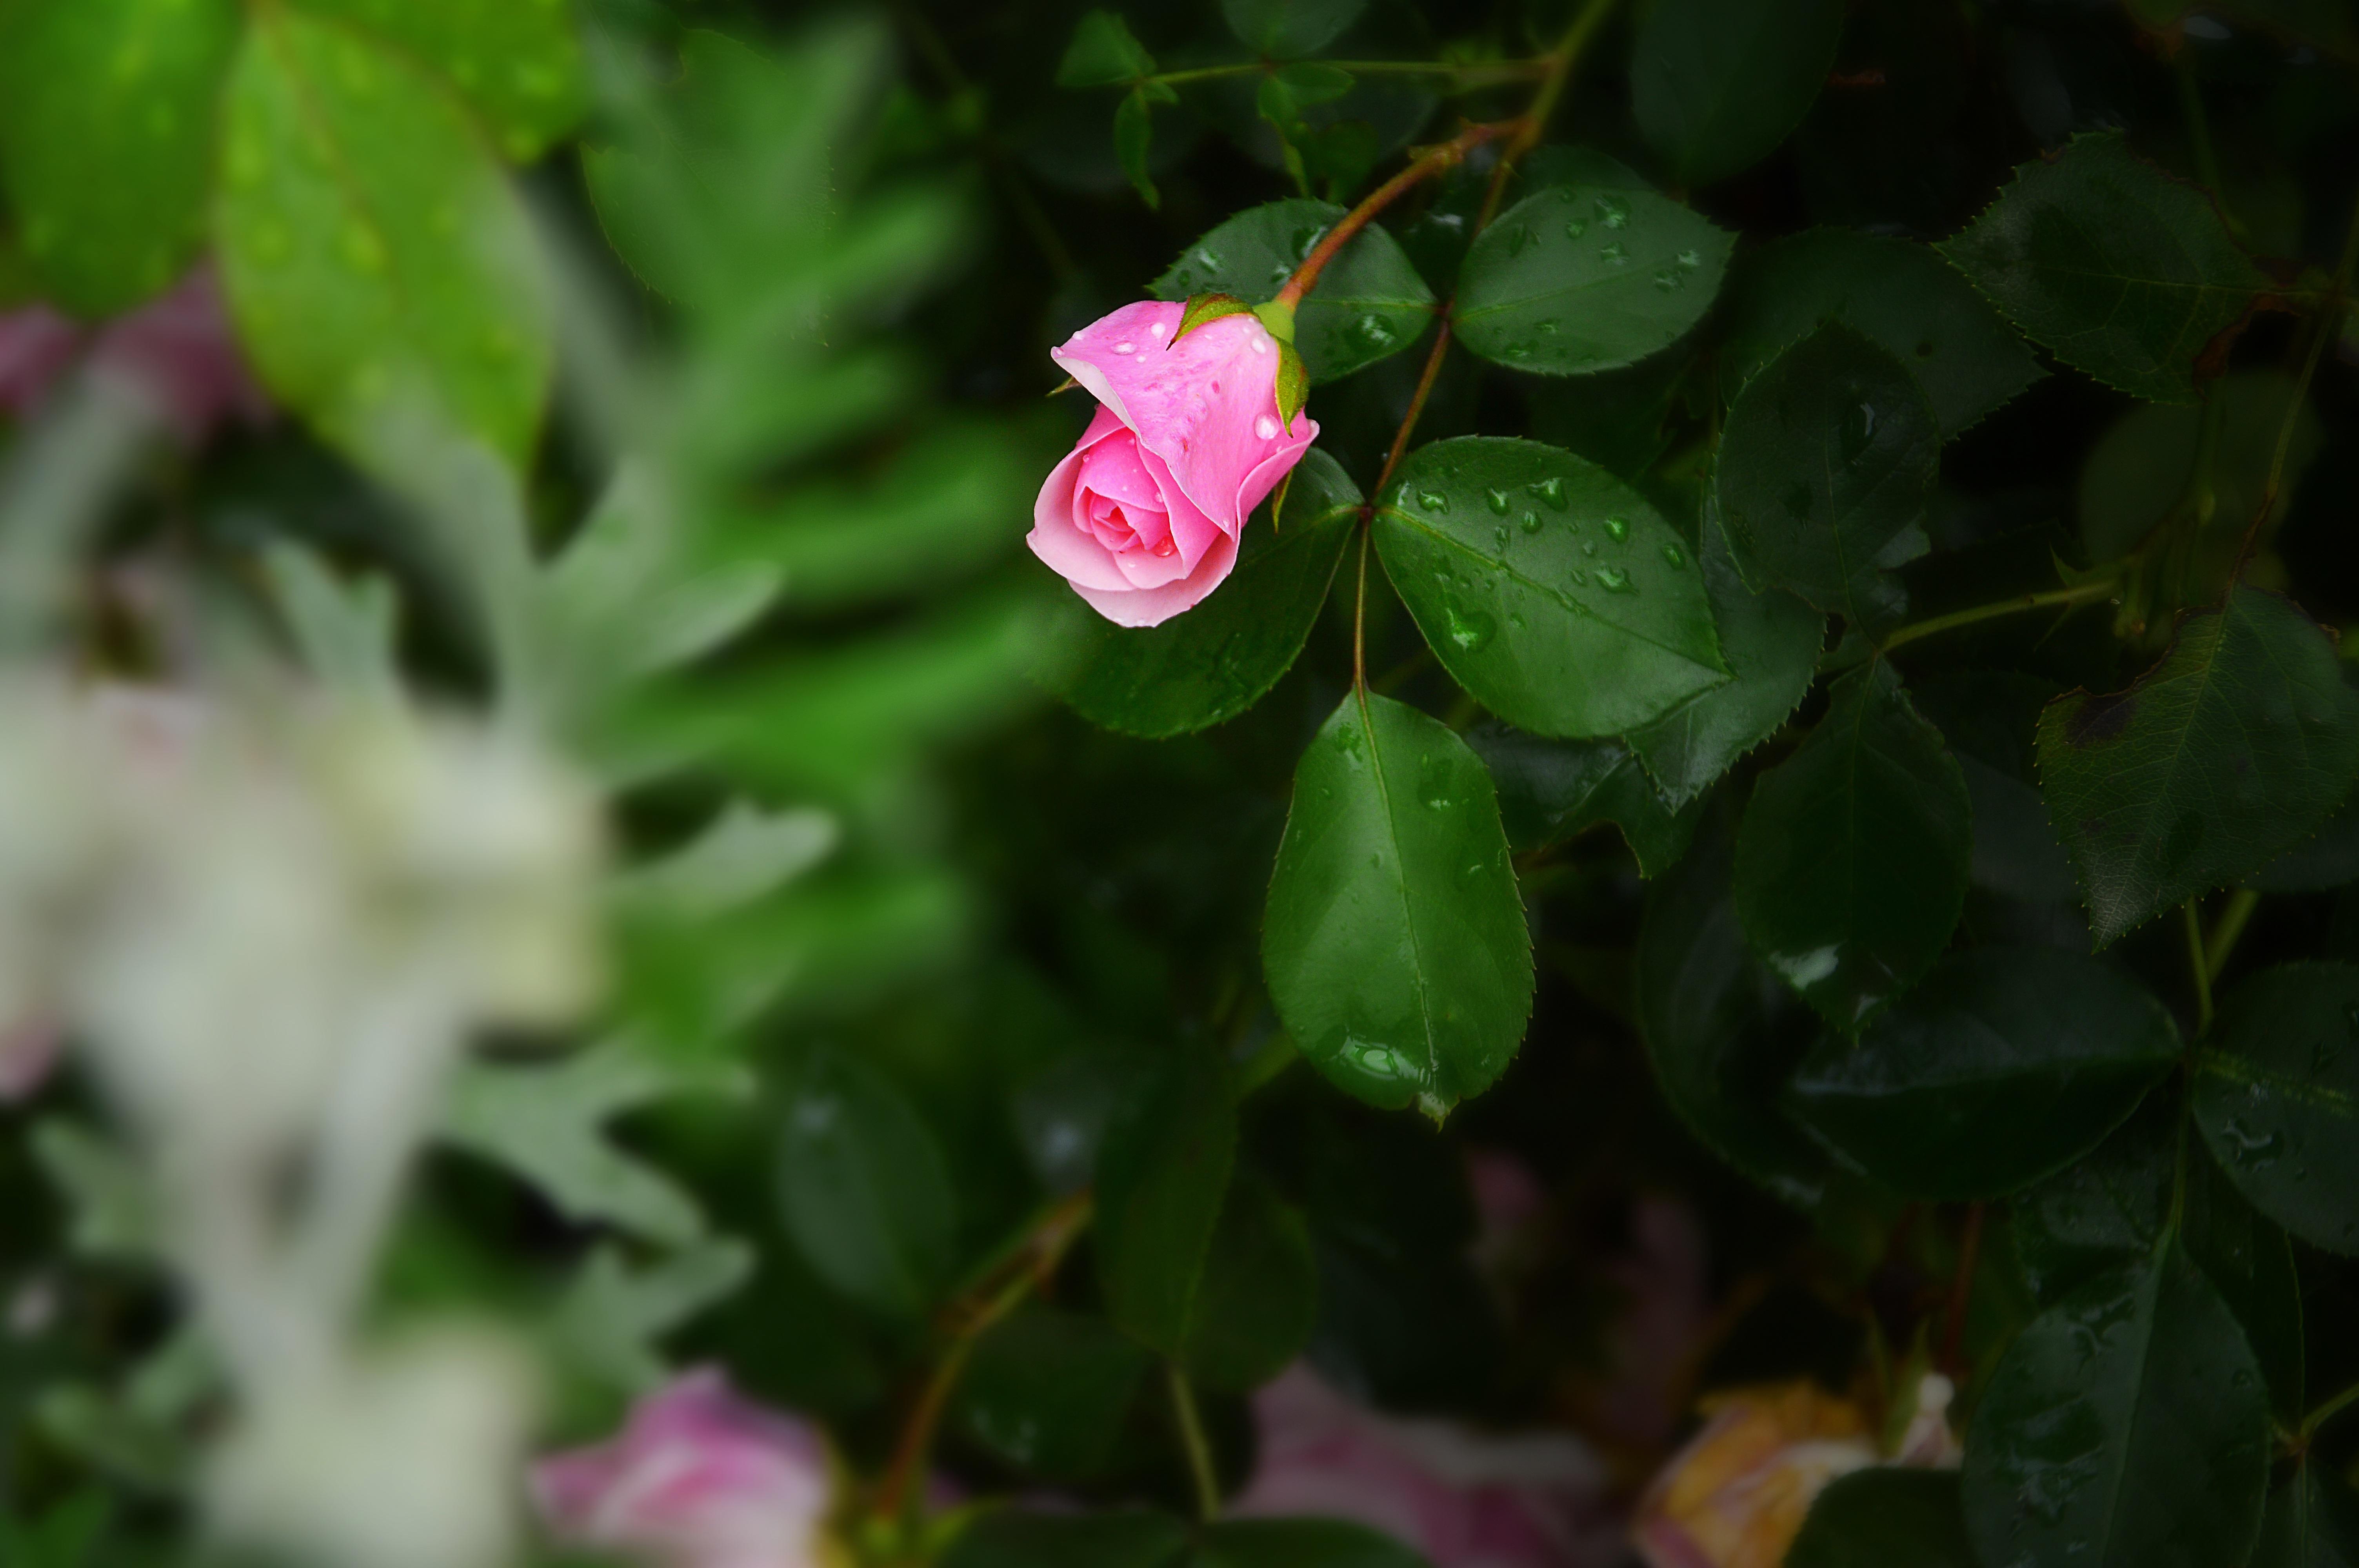 розы,капли,бутоны,зелень  № 759642 бесплатно